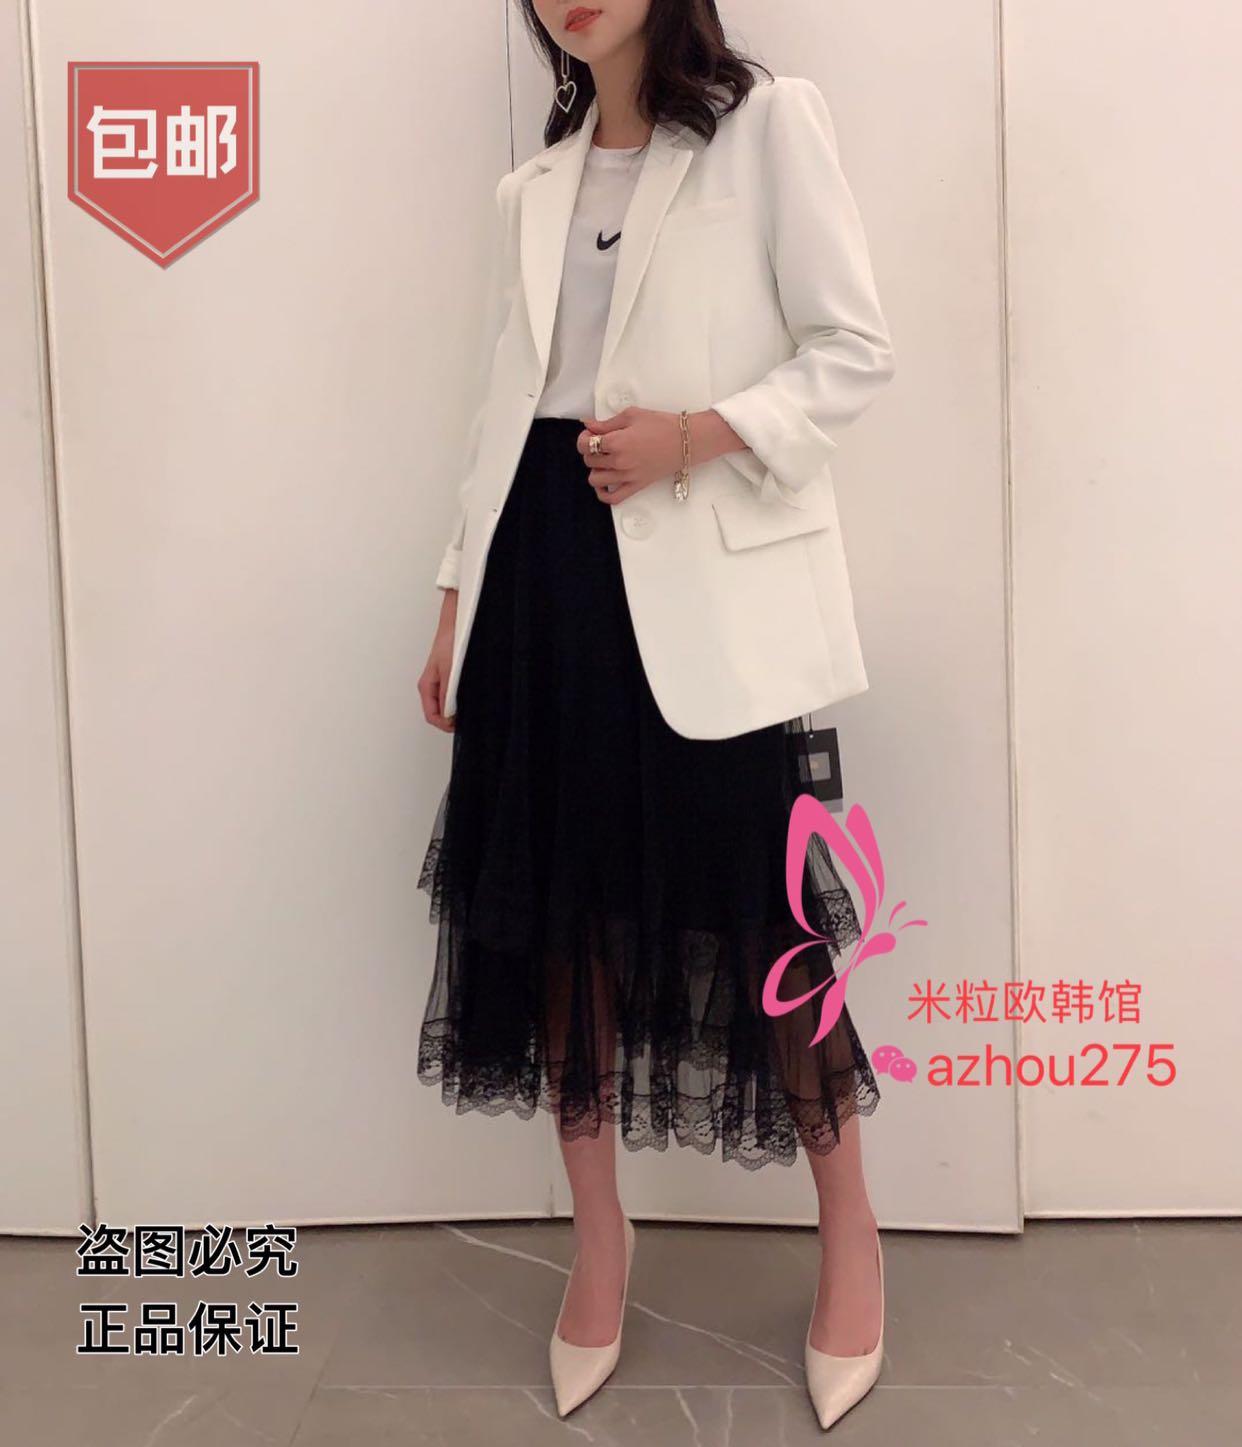 Dingluo GN new 2020 xuân châu Âu thời trang Hàn Quốc hoang dã là quần áo blazer nữ giản dị 2015 - Business Suit